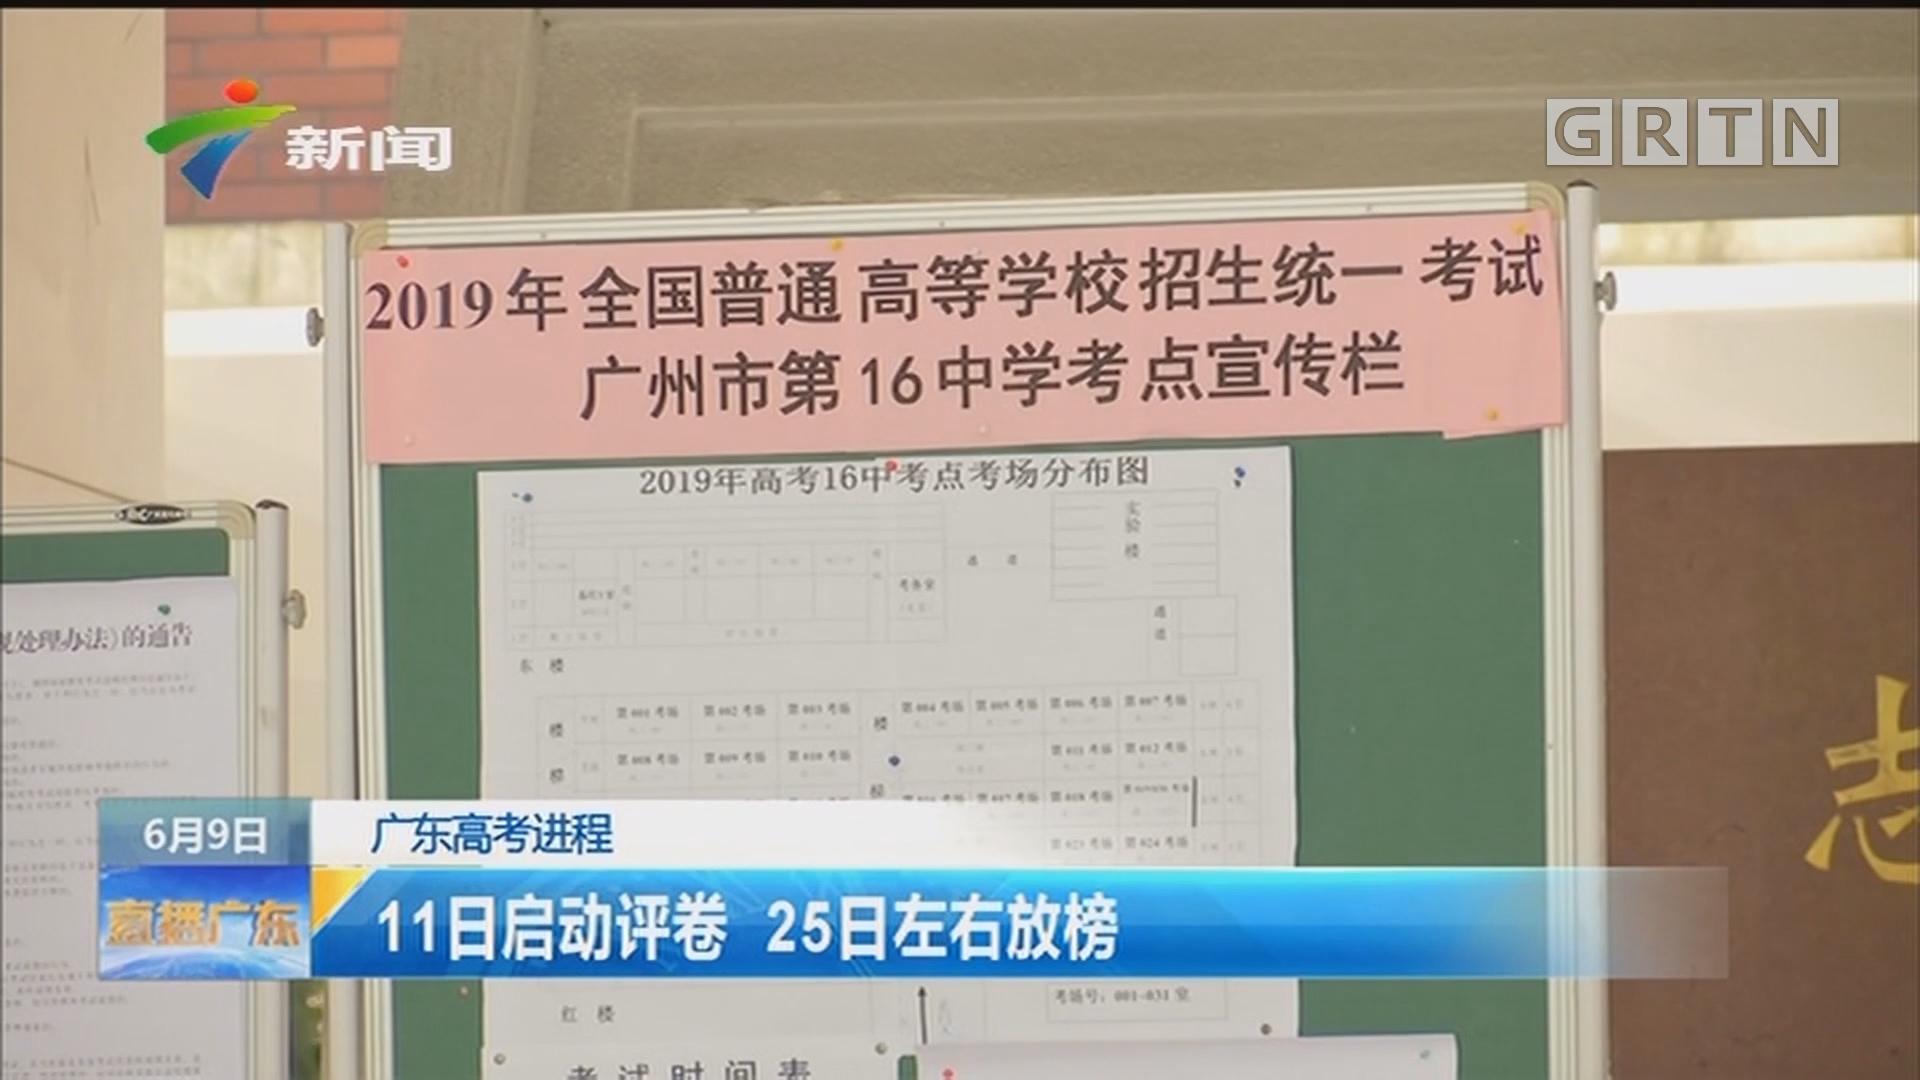 广东高考进程:11日启动评卷 25日左右放榜